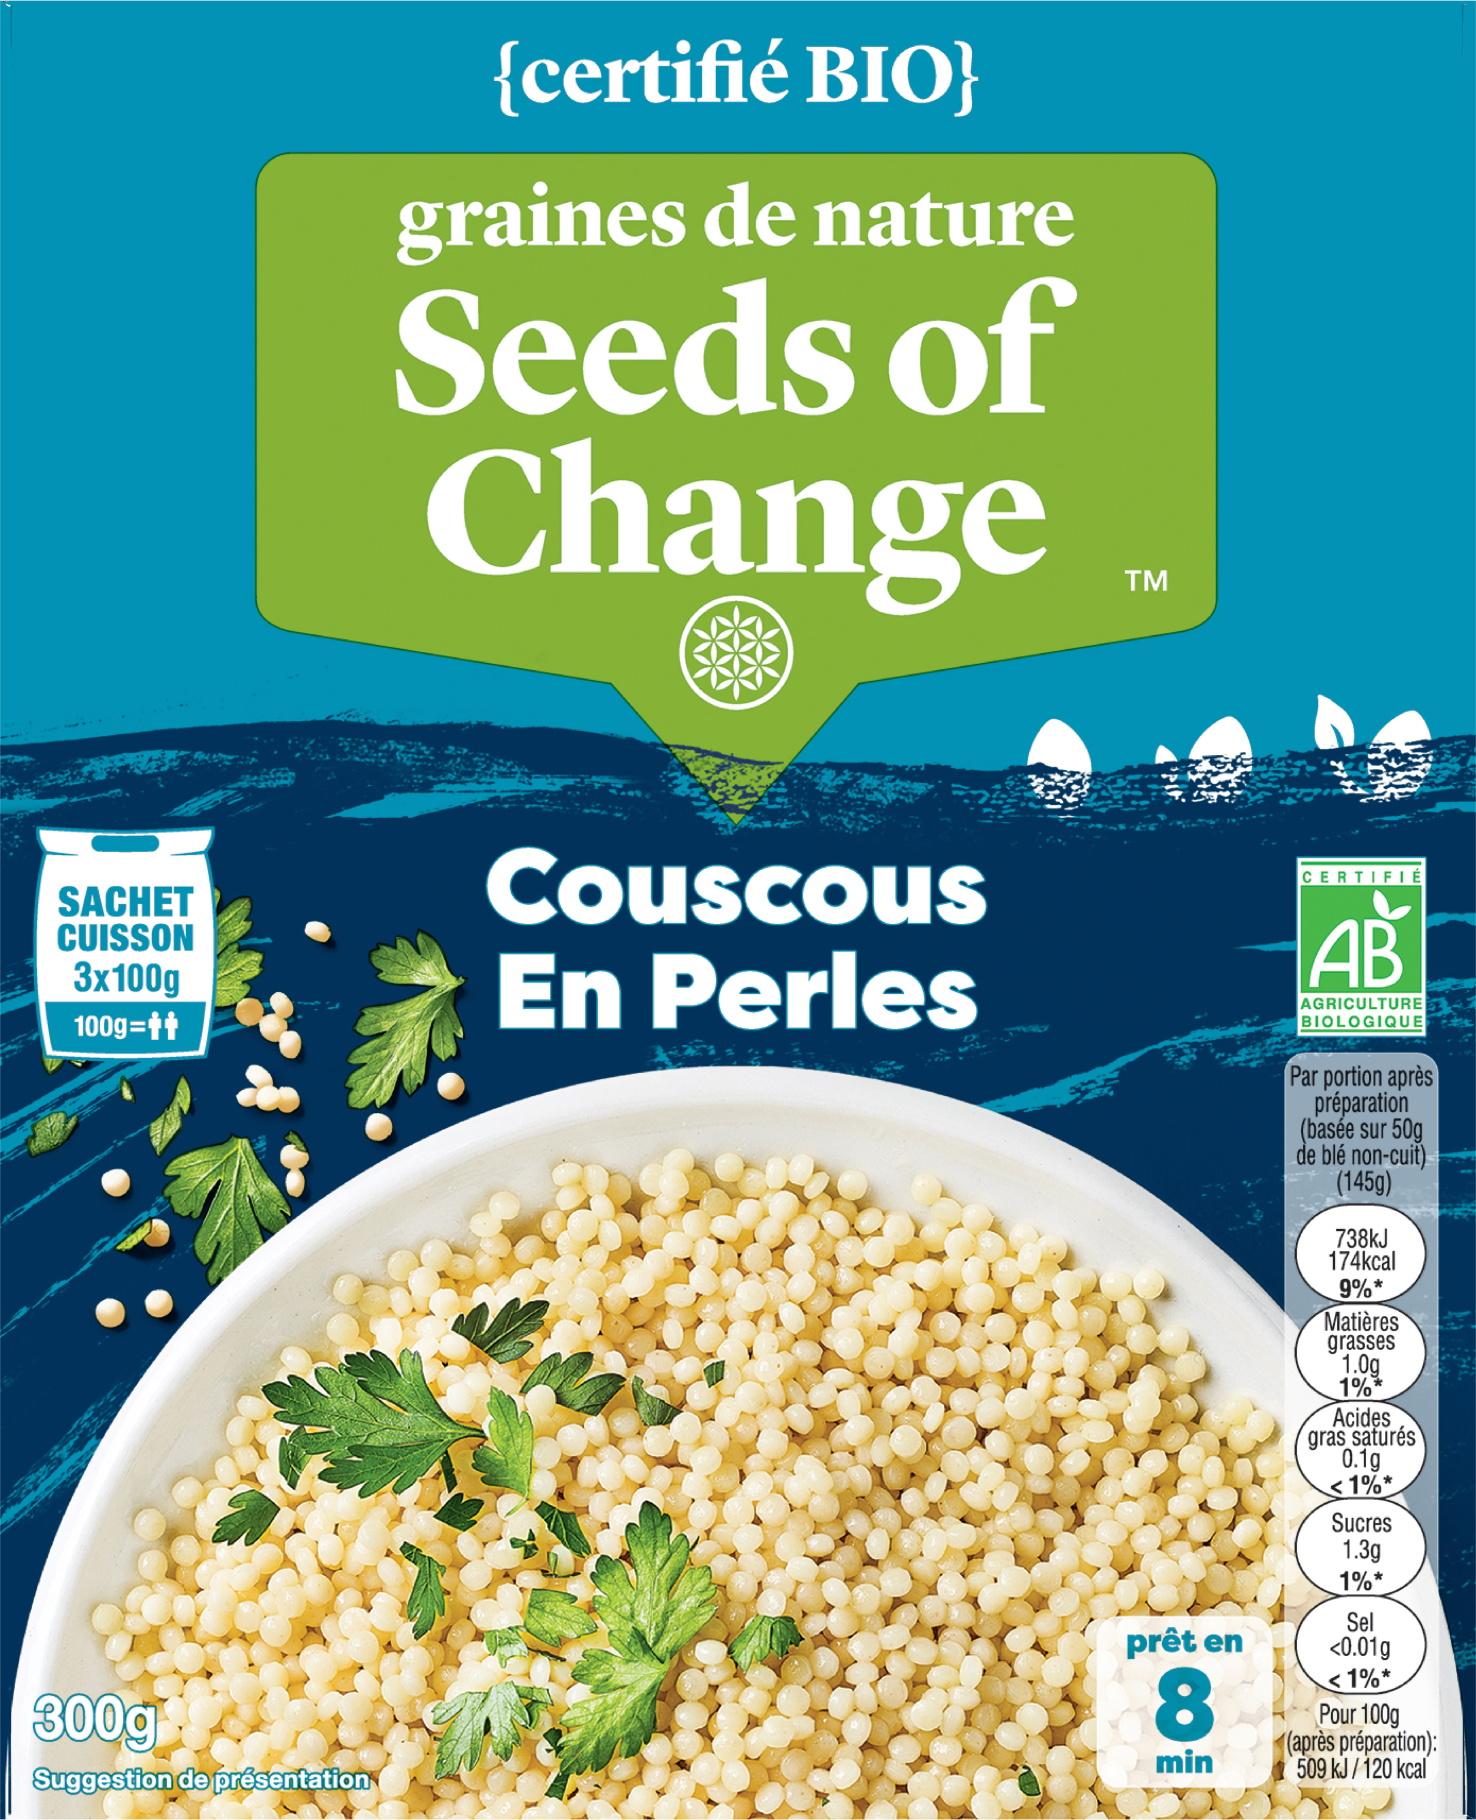 Couscous en Perles - graines de nature - Seeds of Change propose des mélanges de céréales inédits